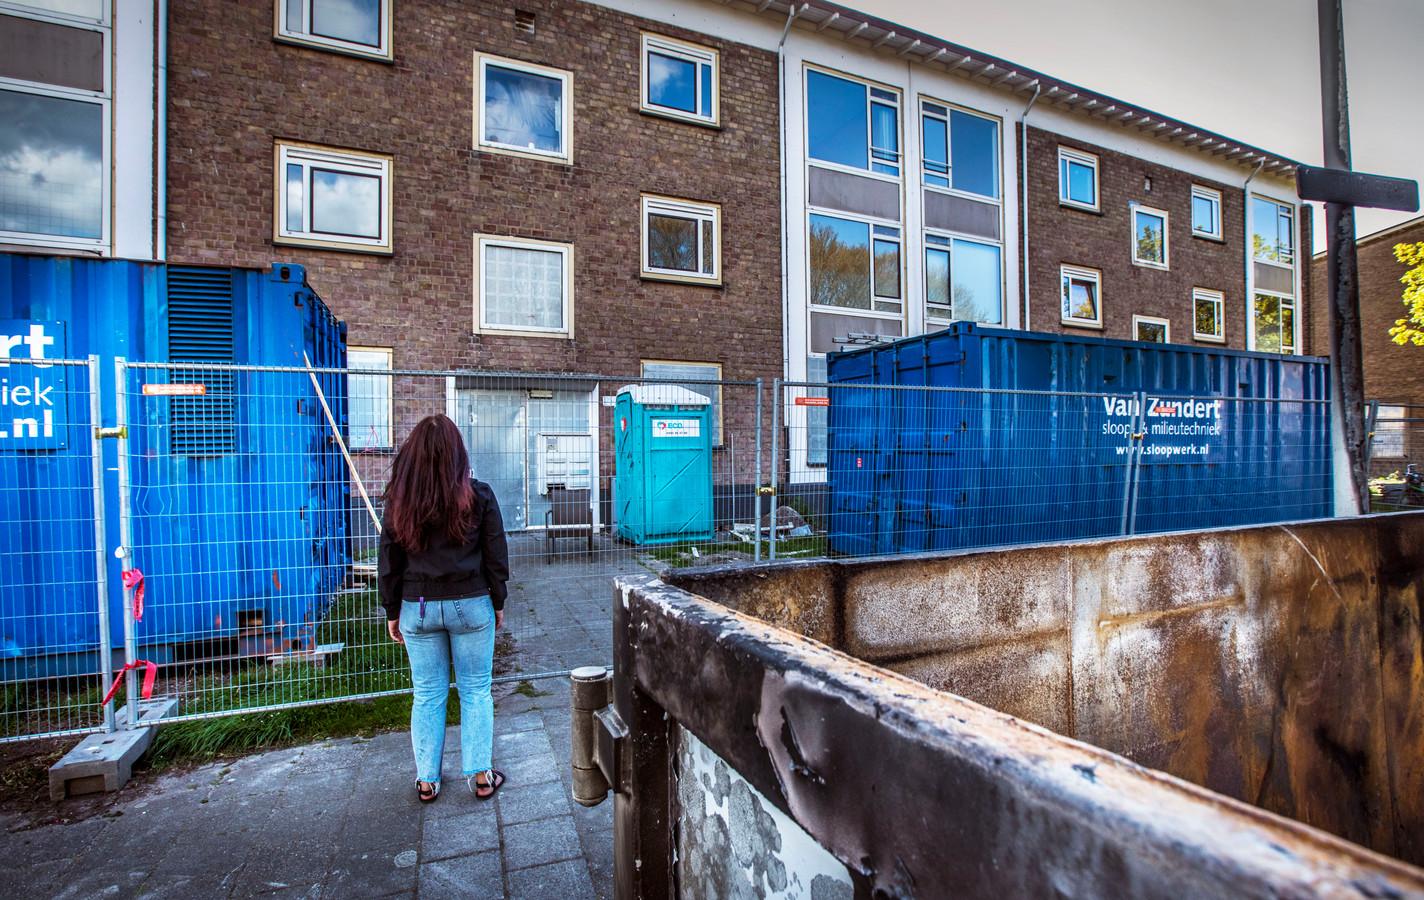 De Verwoldestraat is een van de straten waar de huurders binnenkort hun huizen moeten verlaten.